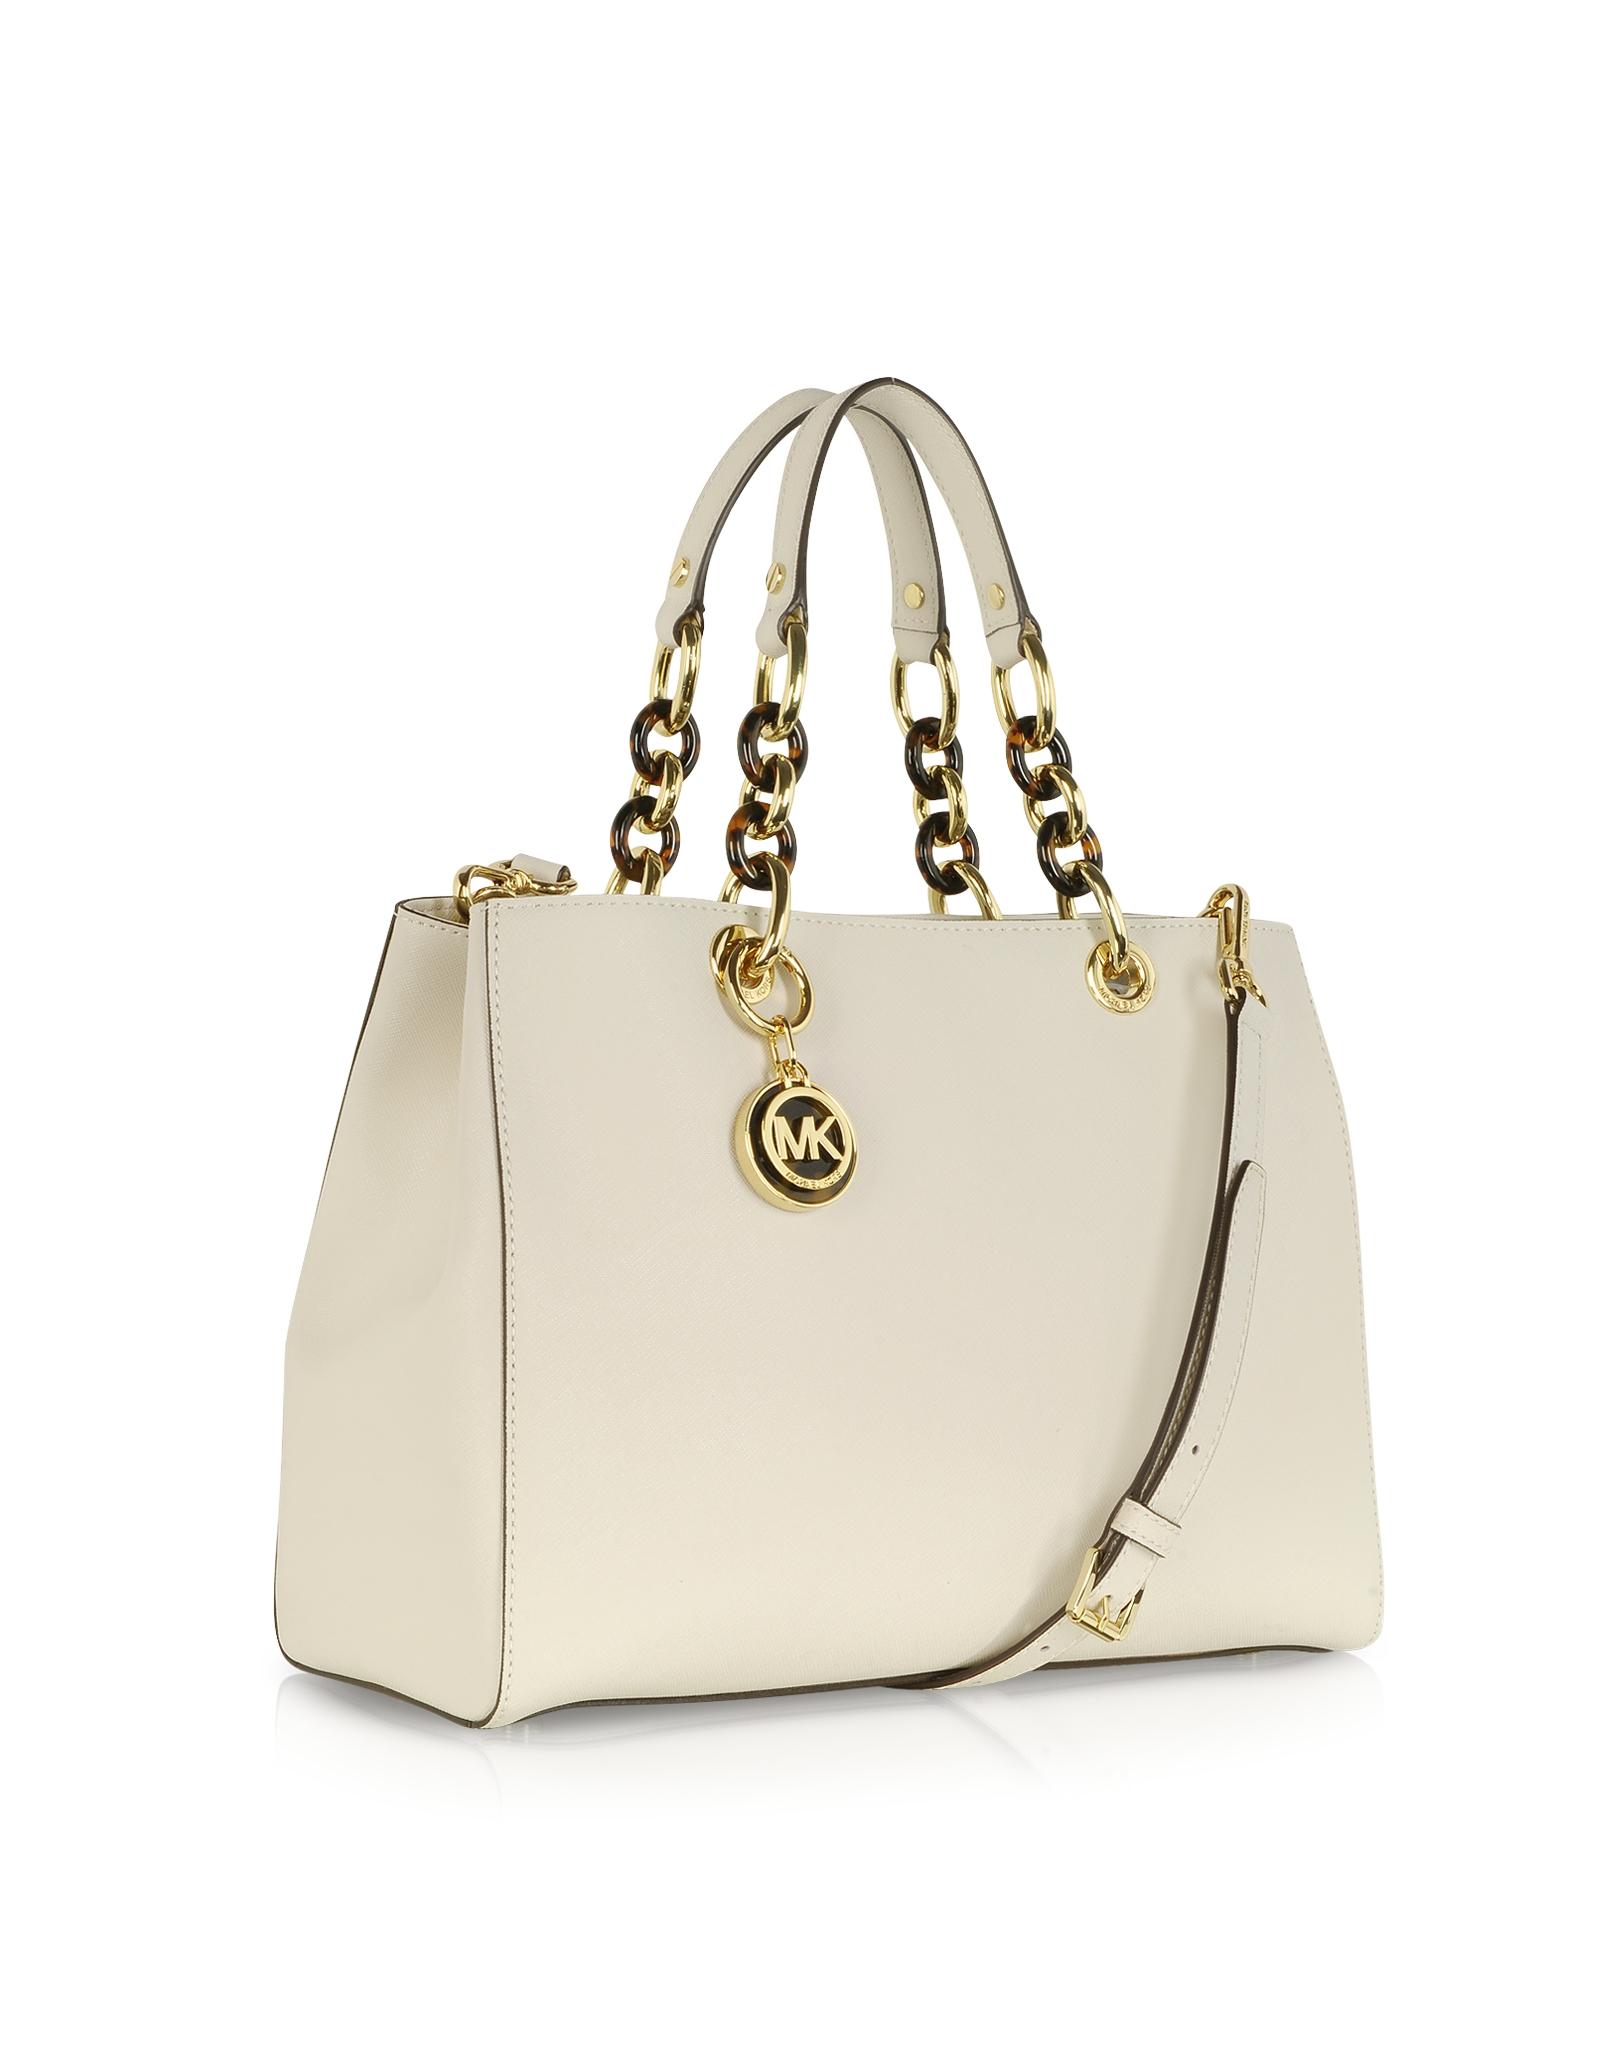 4880d345b3d13a michael kors cynthia satchel vanilla medium logo chain shoulder bag ...